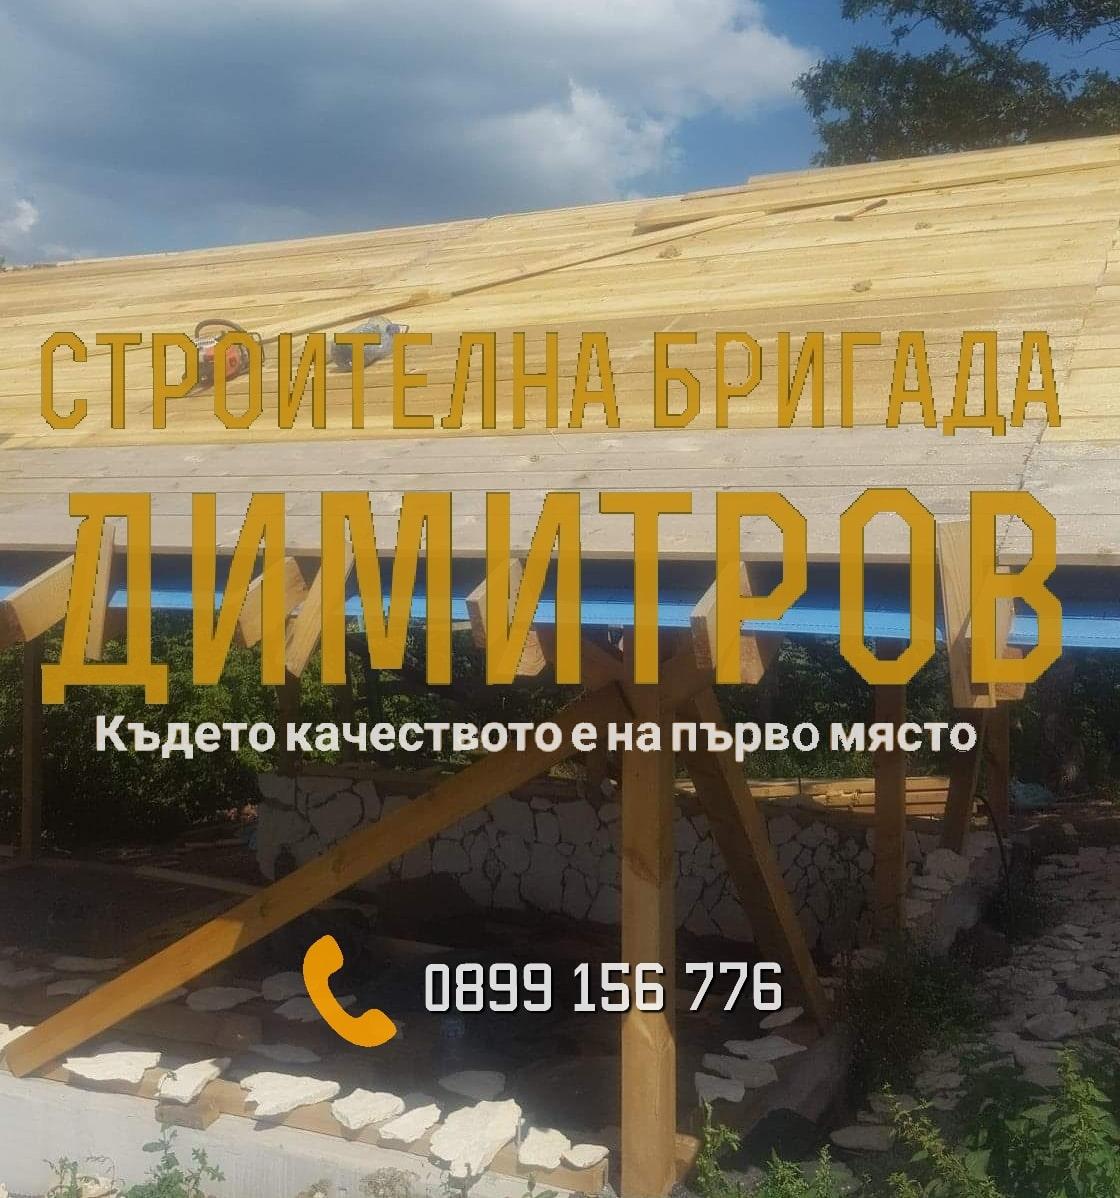 -изграждане-на-нови-покриви-в-област-София-от-Строителна-бригада-Димитров